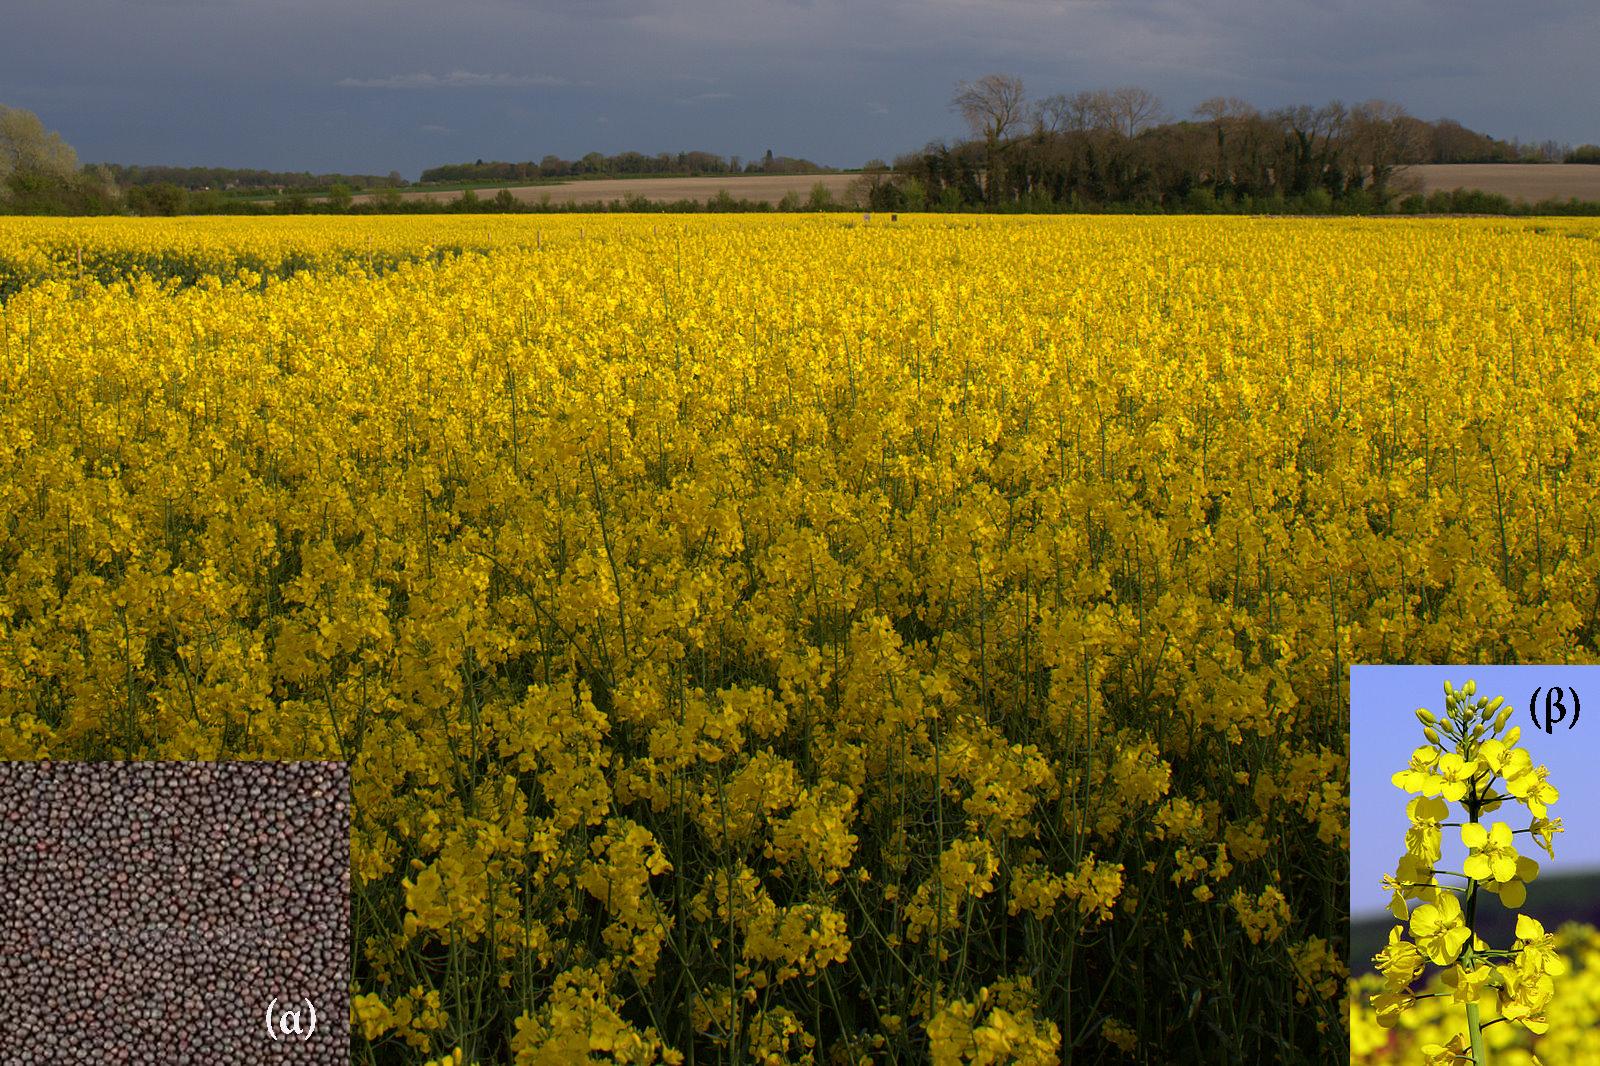 Εικόνα 1:Καλλιέργεια ελαιοκράμβης (α) σπόροι, (β) άνθη